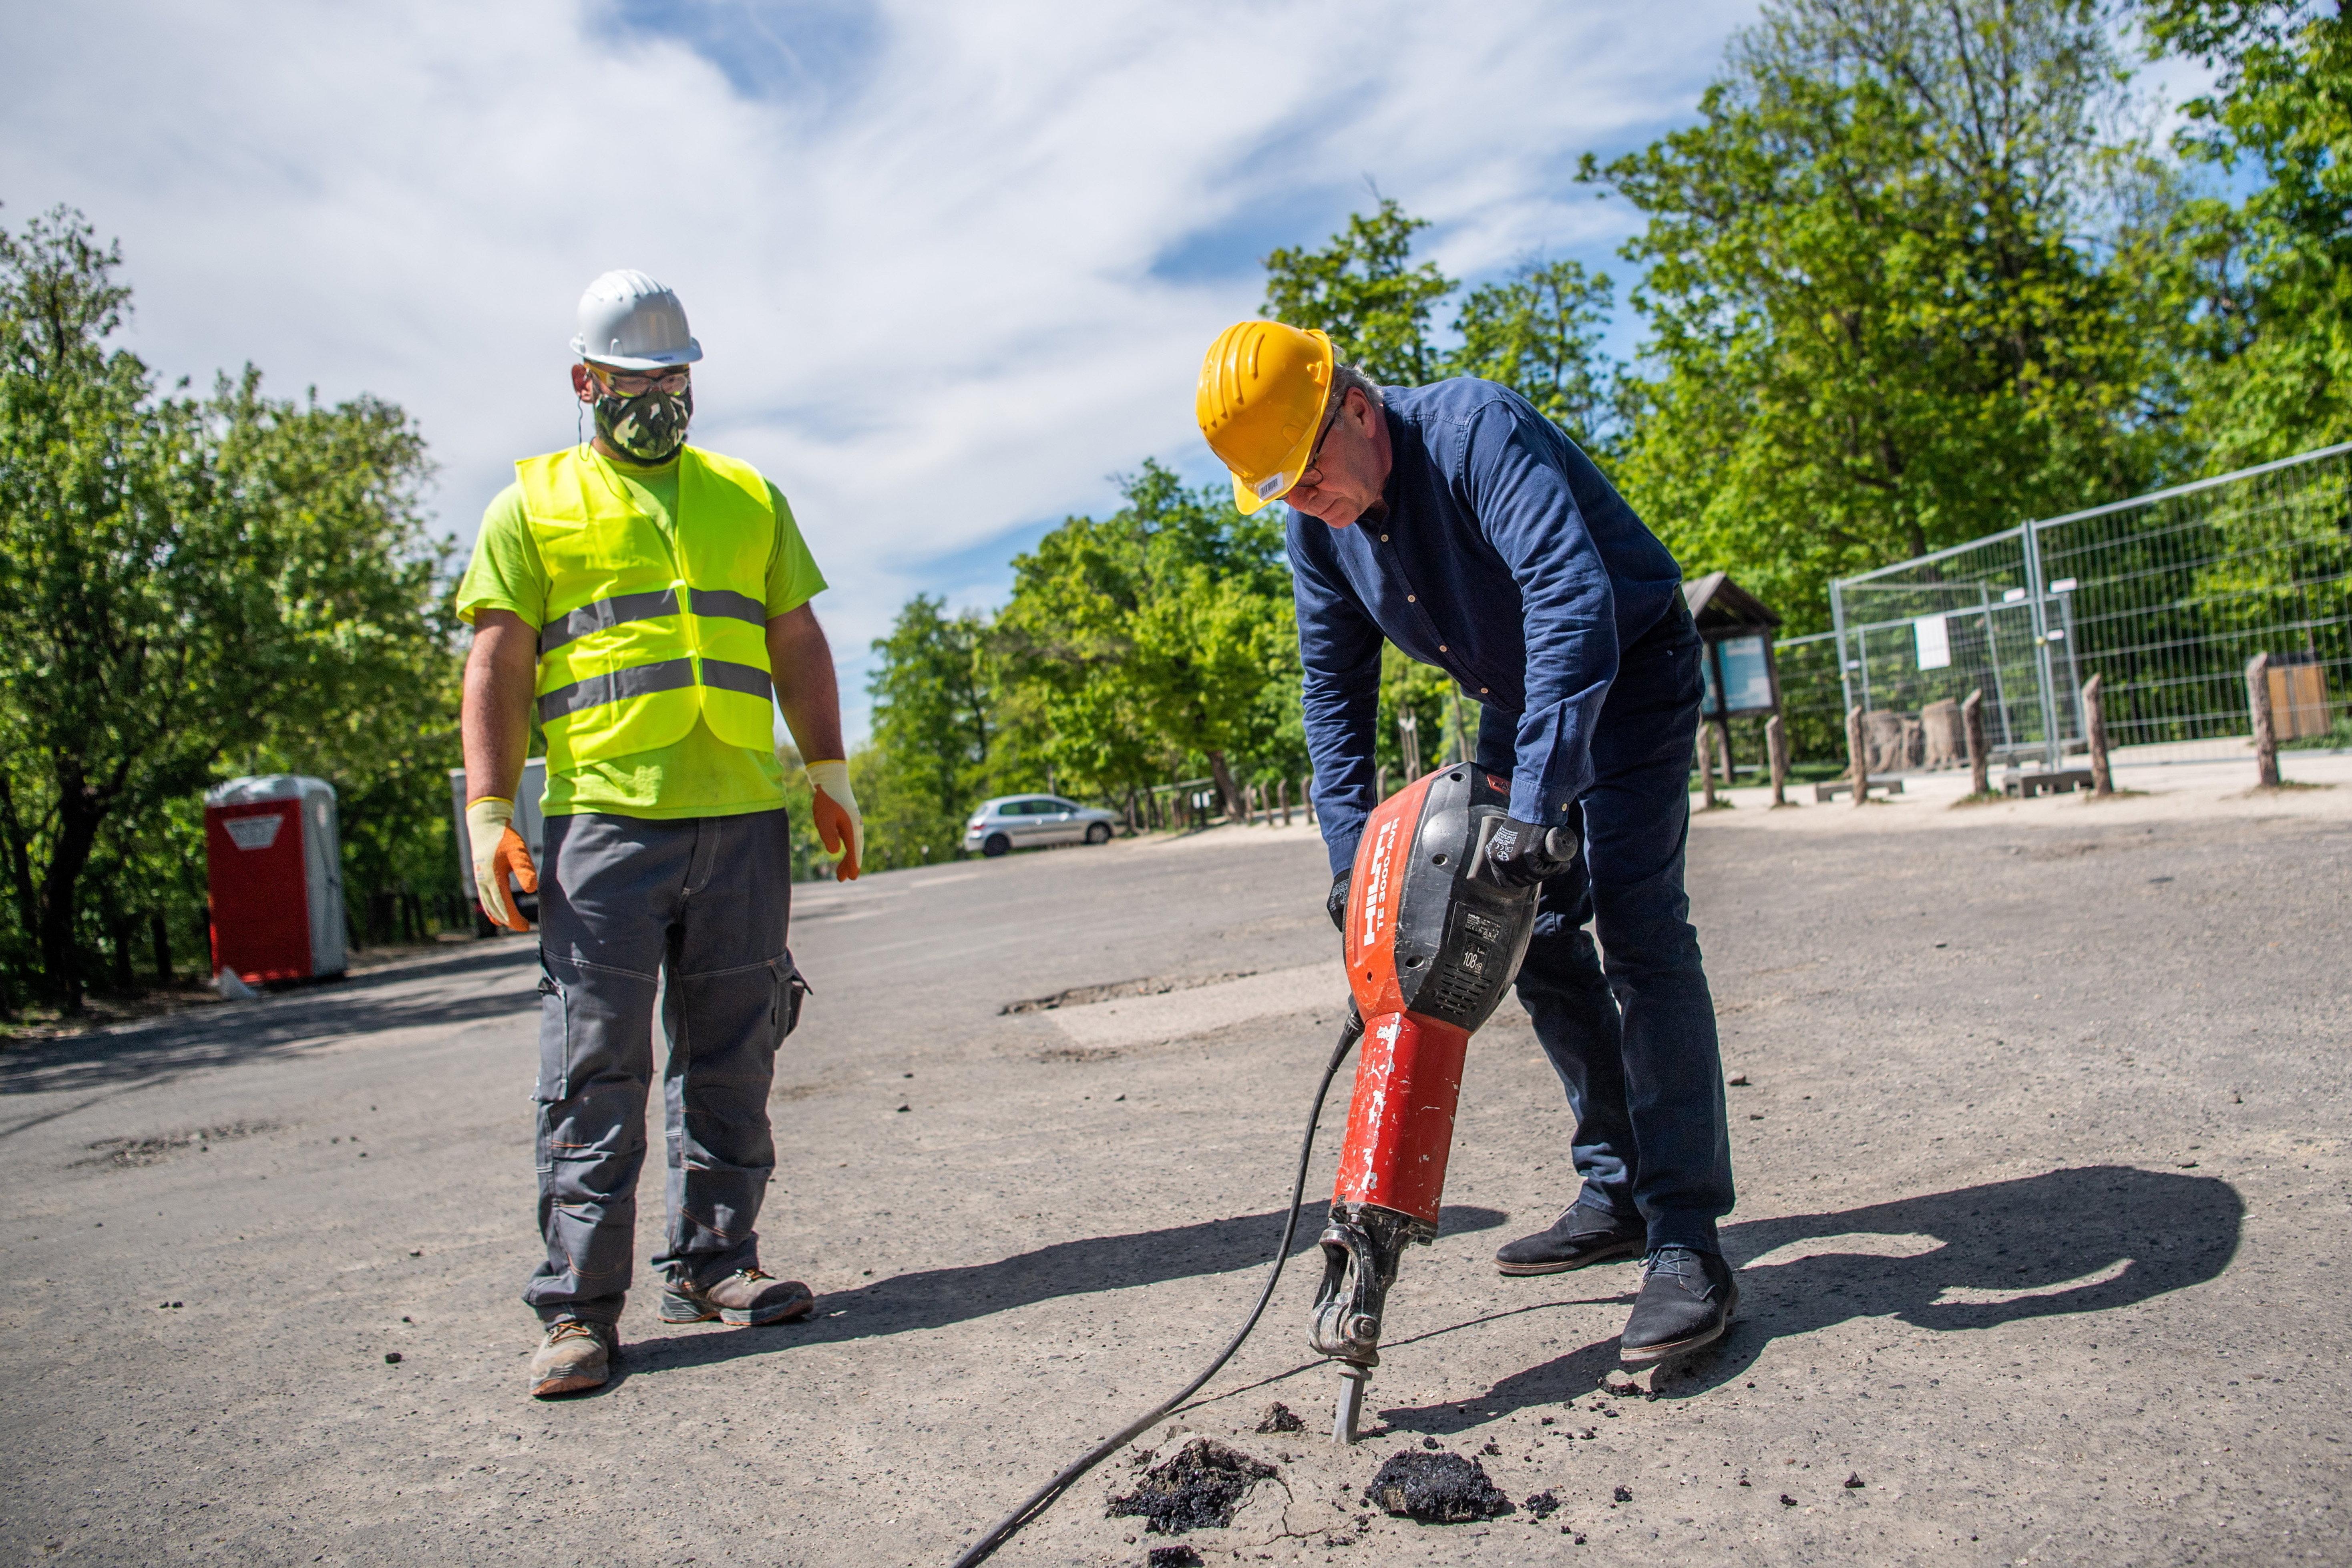 Pokorni Zoltán az utolsó akcióhős: minden munkavédelmi szabályt megszegve esett neki légkalapáccsal a betonnak